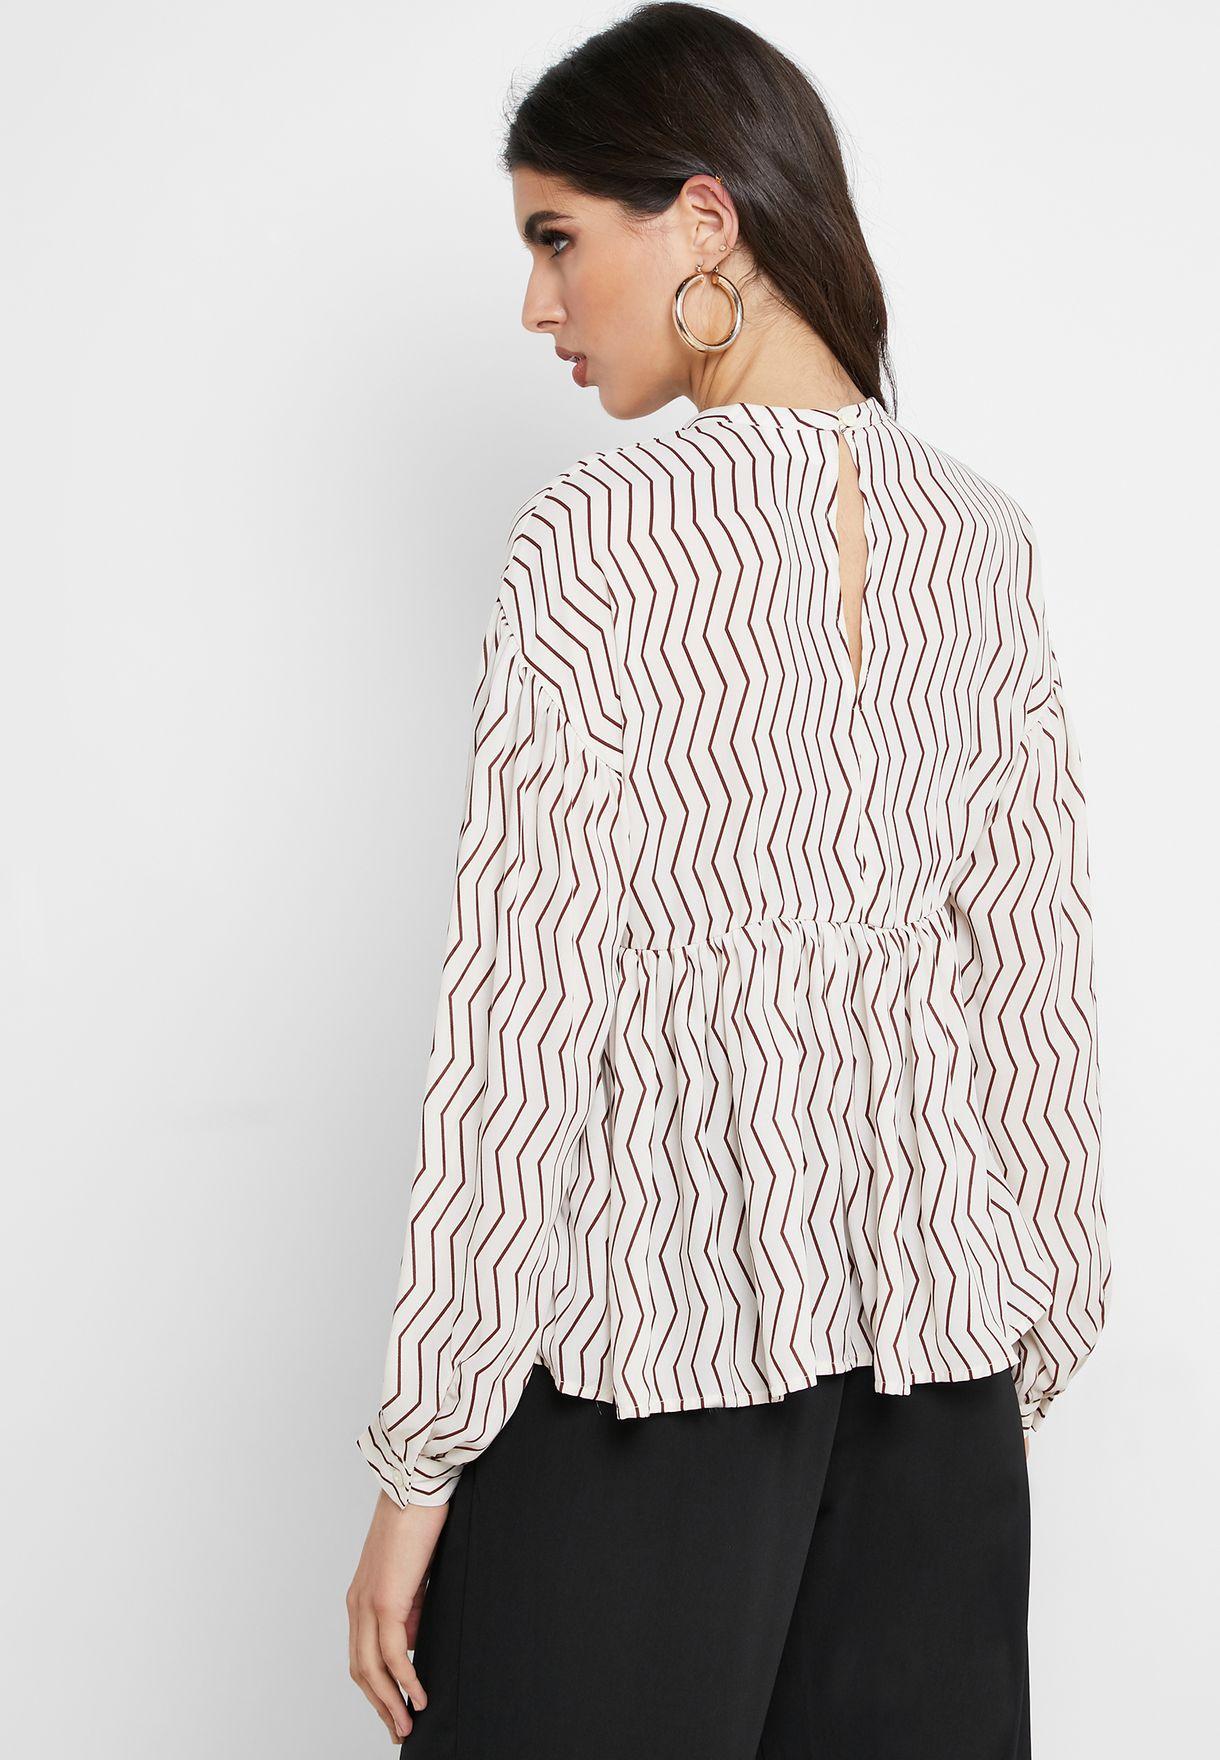 Printed Long Sleeve Top